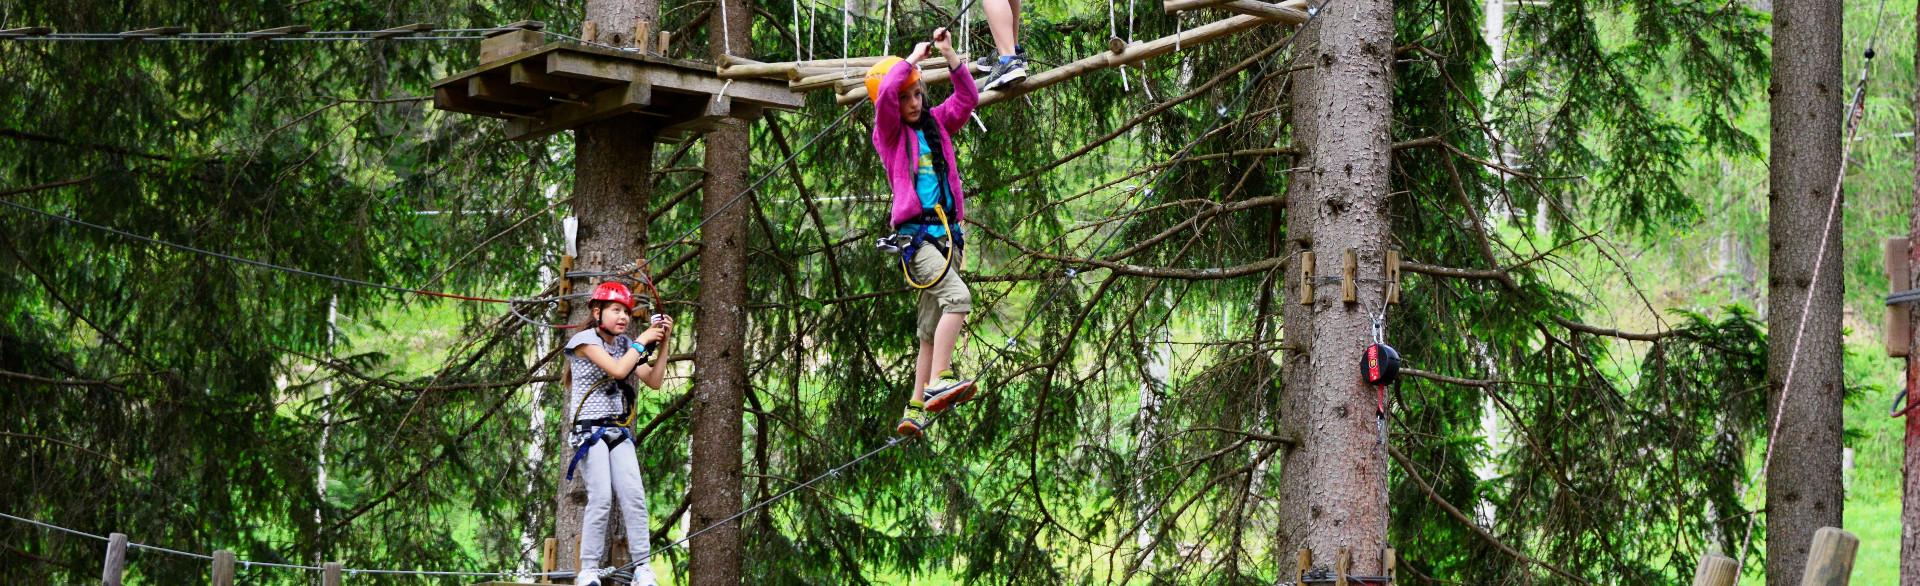 Hochseilgarten & Klettergarten in Kaltern Südtirol - Outdoor Aktivitäten im Hotel in Kaltern